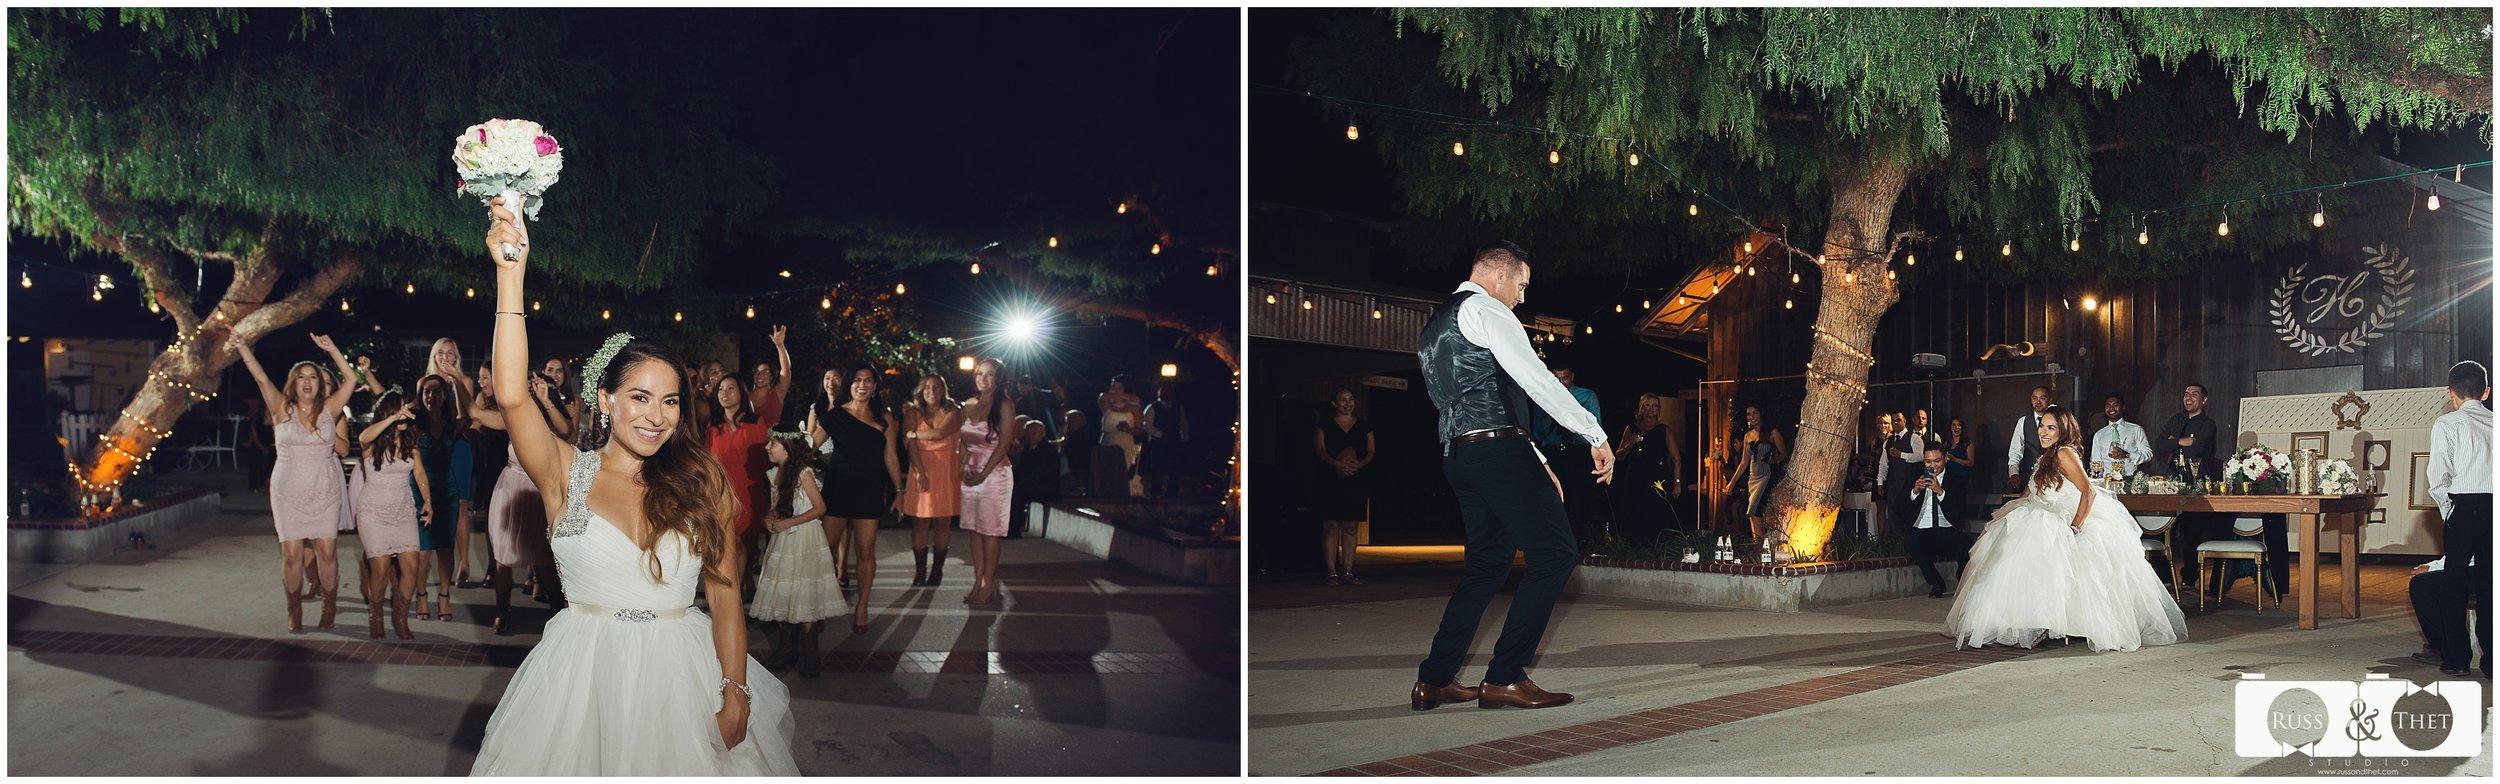 West-Covina-Weddings (6).jpg